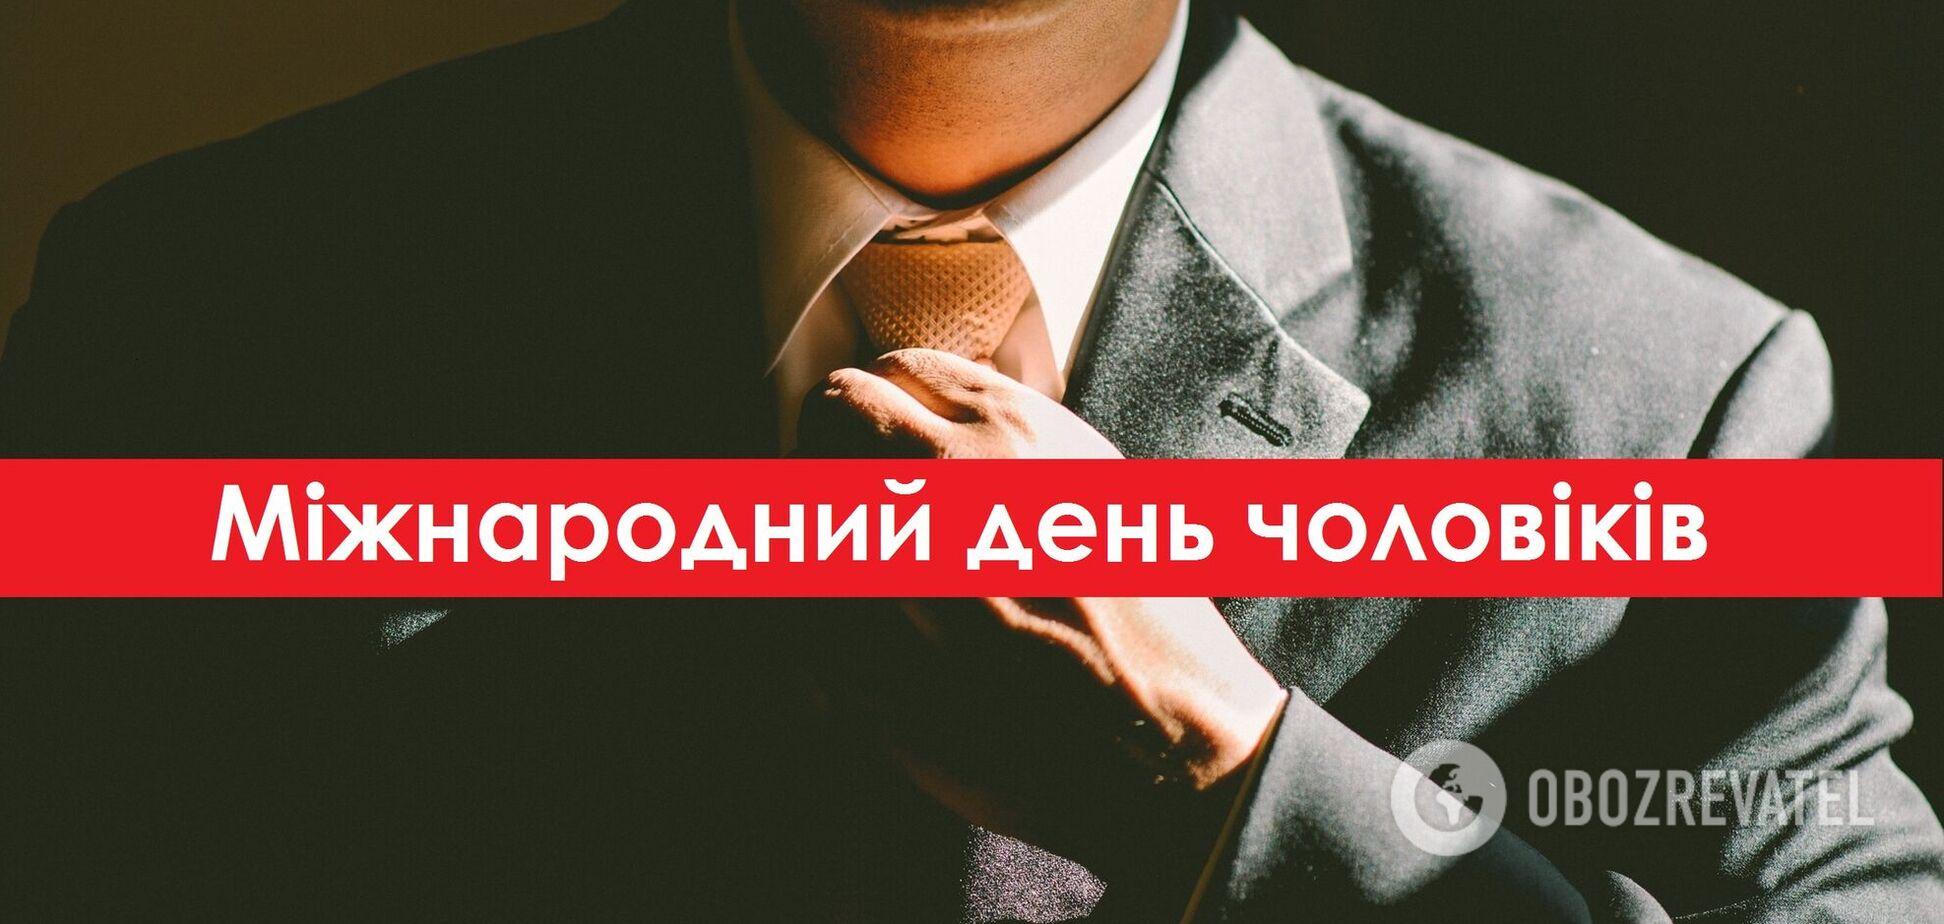 Международный день мужчин празднуют 19 ноября